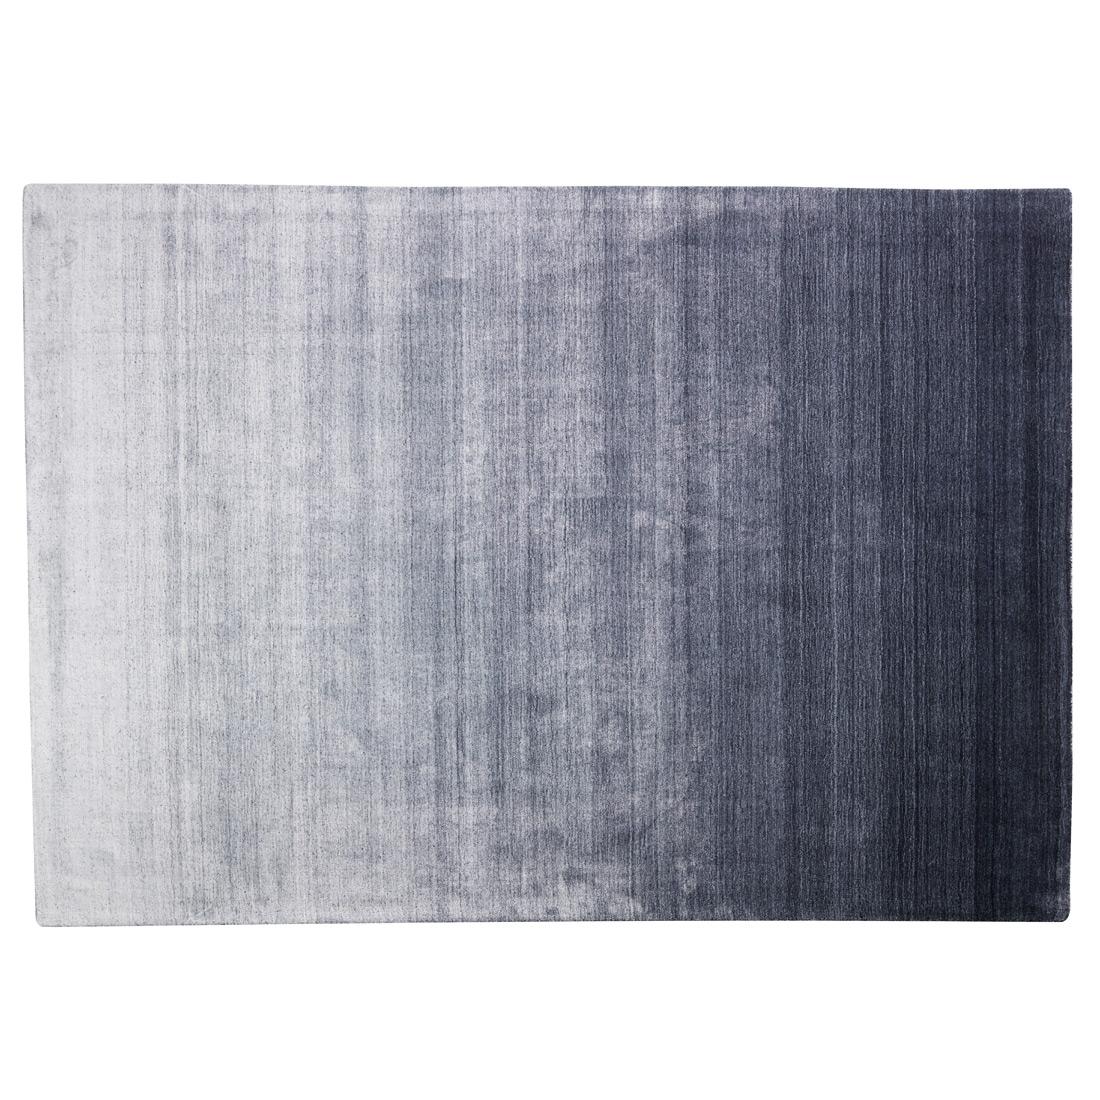 Vloerkleed Xilento Admire Blue | 240 x 340 cm